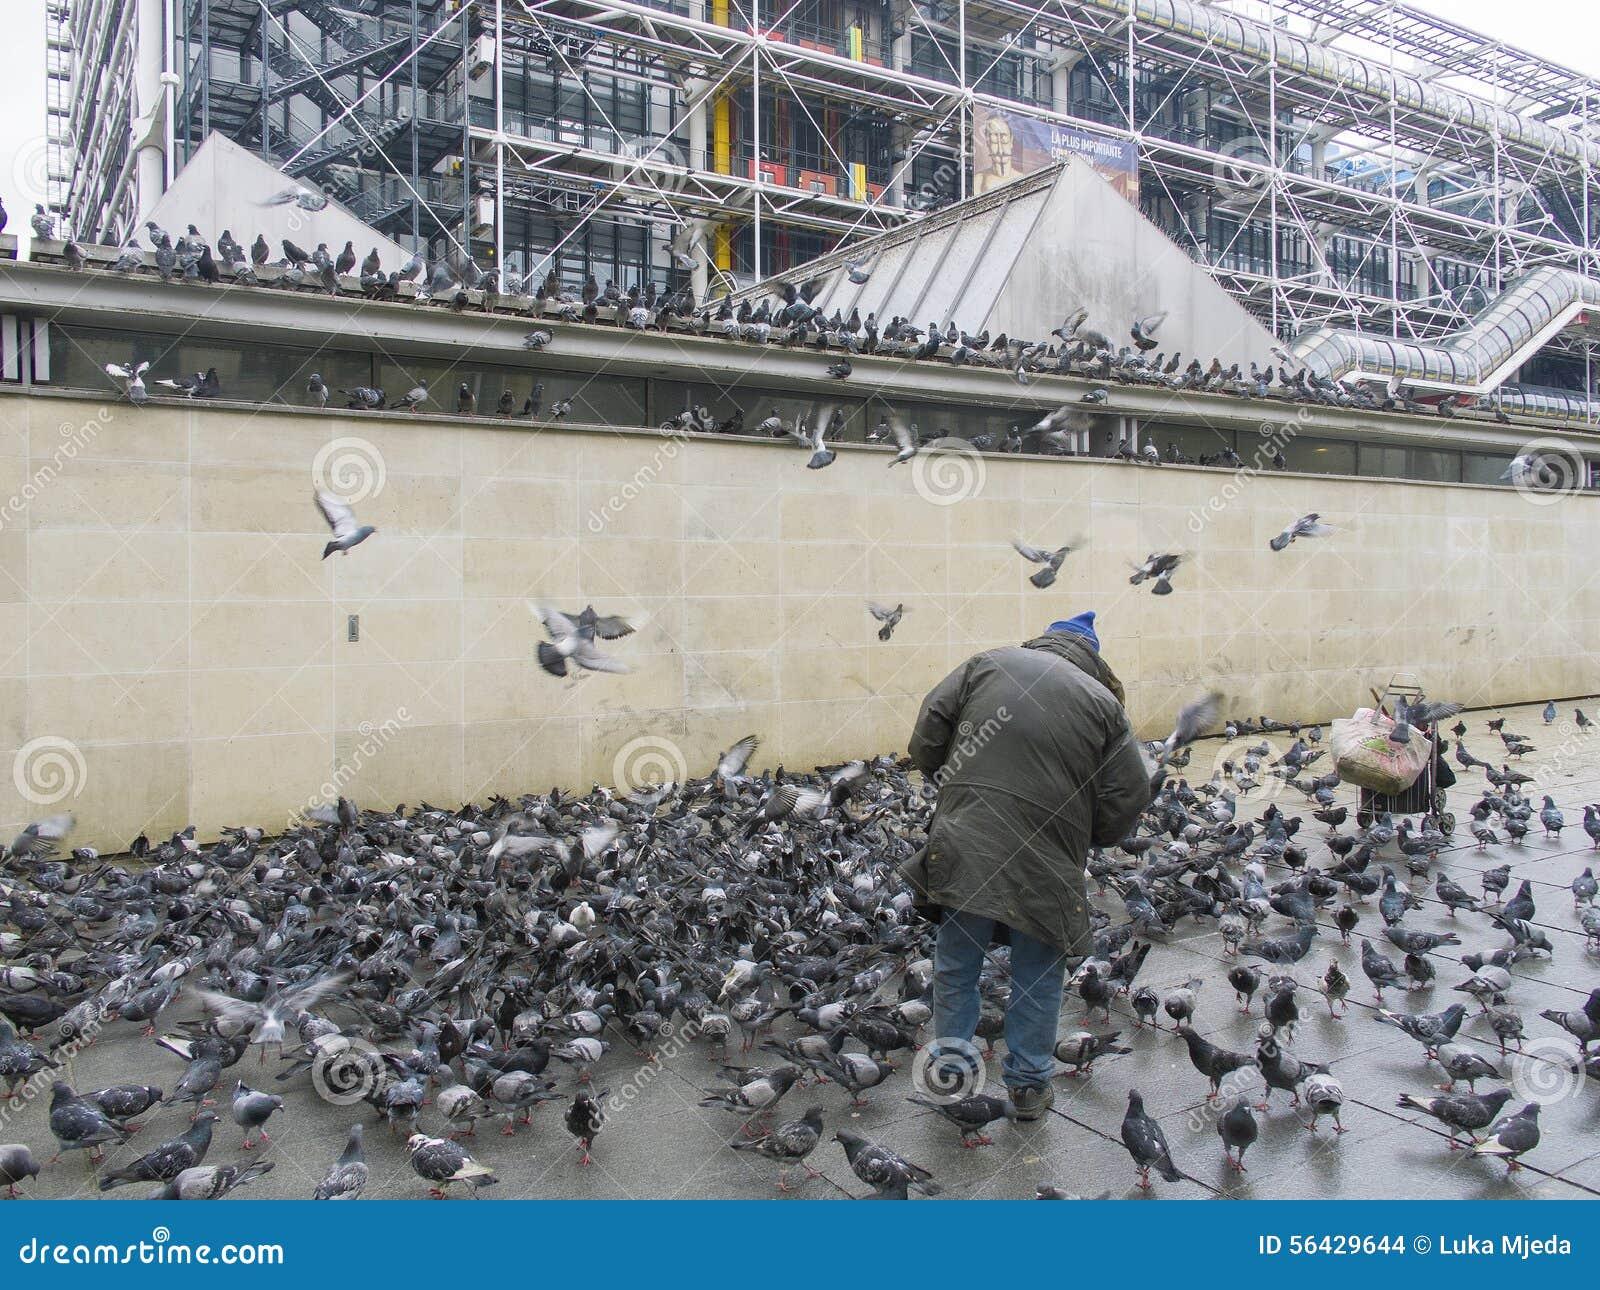 Άτομο που περιβάλλεται από τα περιστέρια, Παρίσι, Γαλλία, 2012